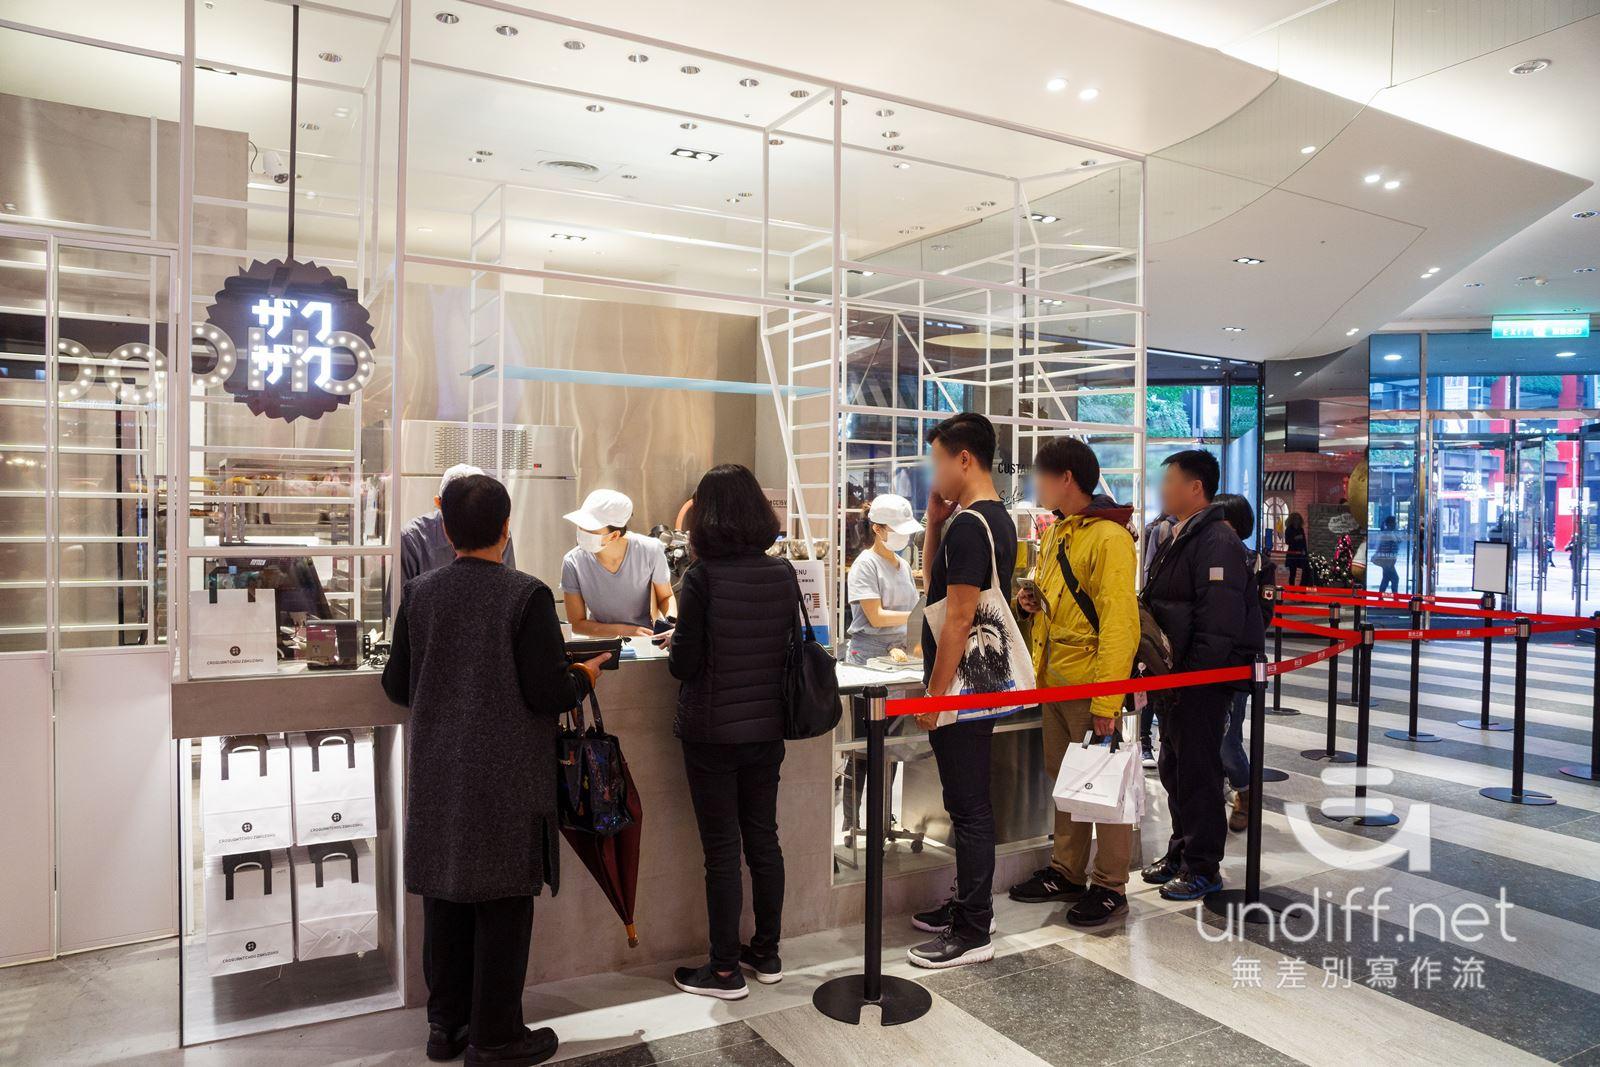 【台北美食】信義 ZAKUZAKU ザクザク 棒棒泡芙 》日本人氣甜點首間海外分店登陸台灣啦!